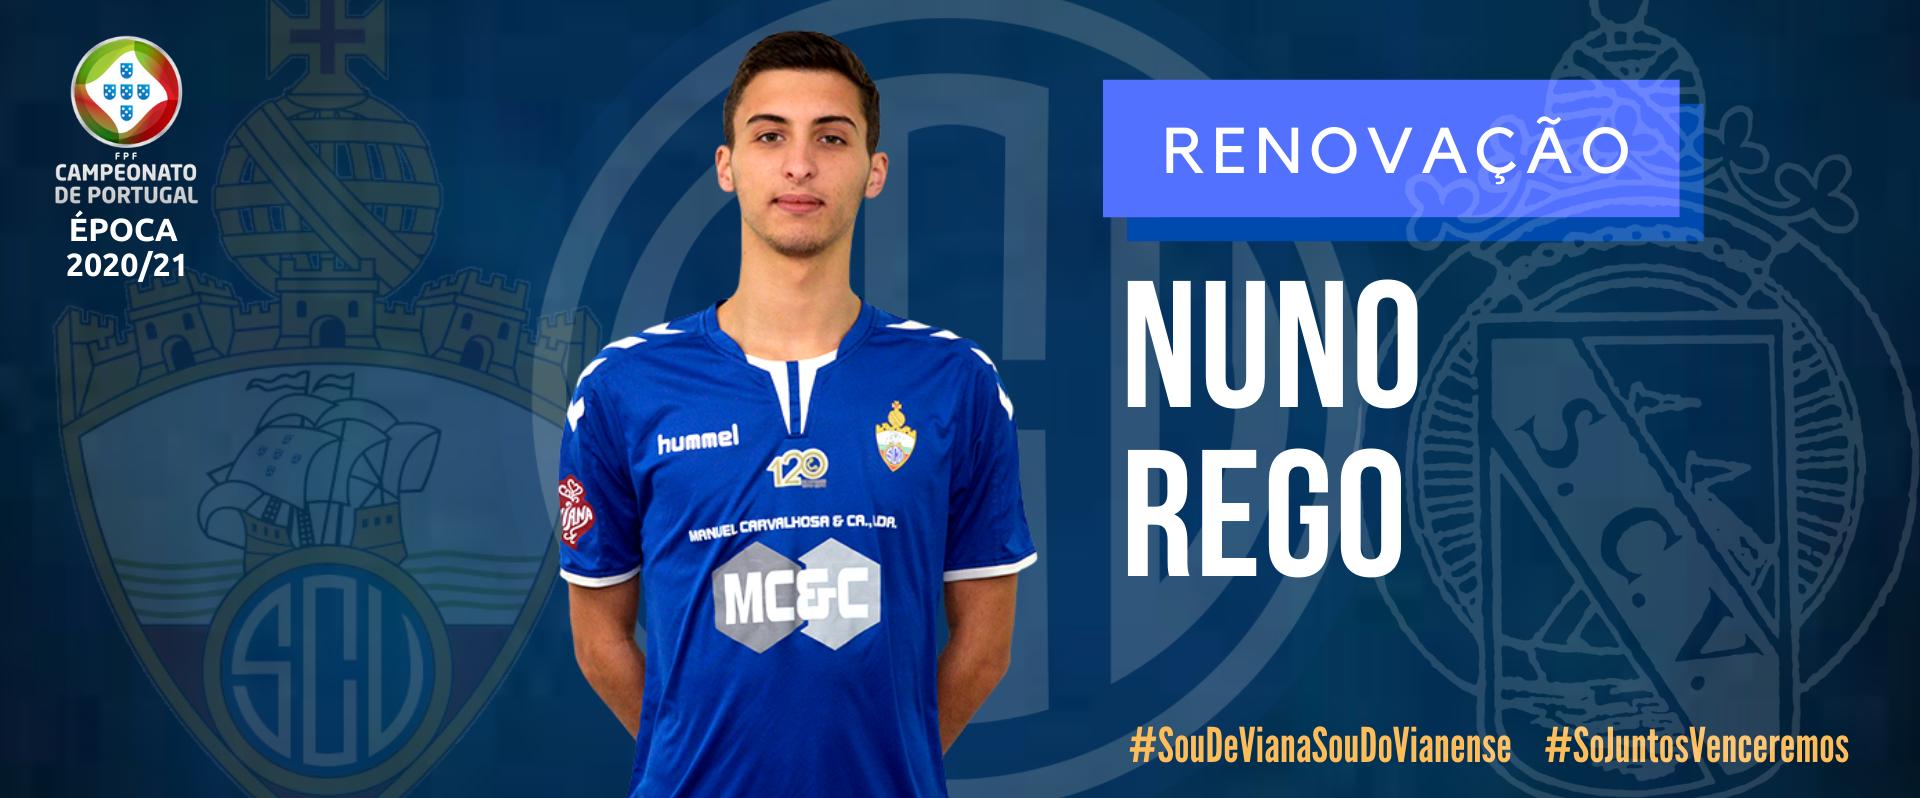 Nuno Rego no Campeonato de Portugal com o SC Vianense!